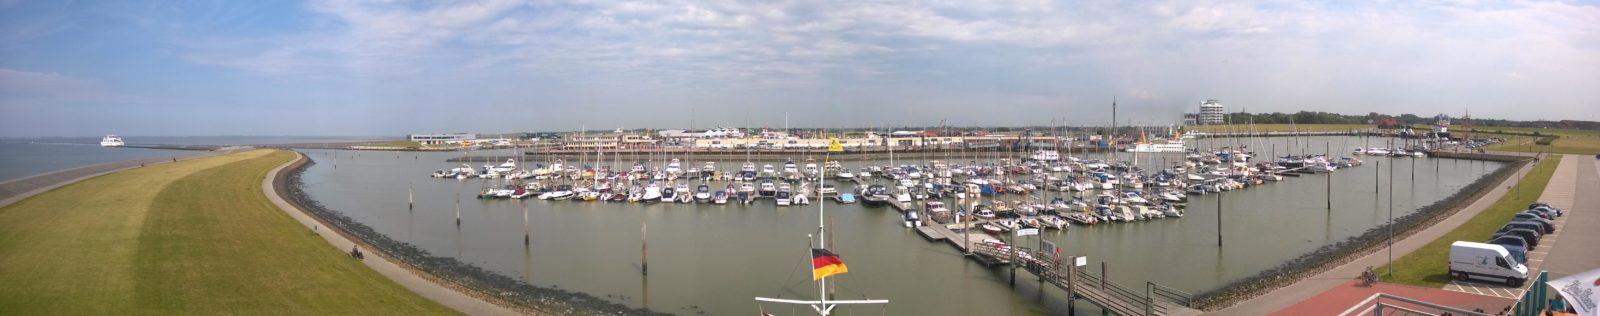 Hafenanlage auf Juist